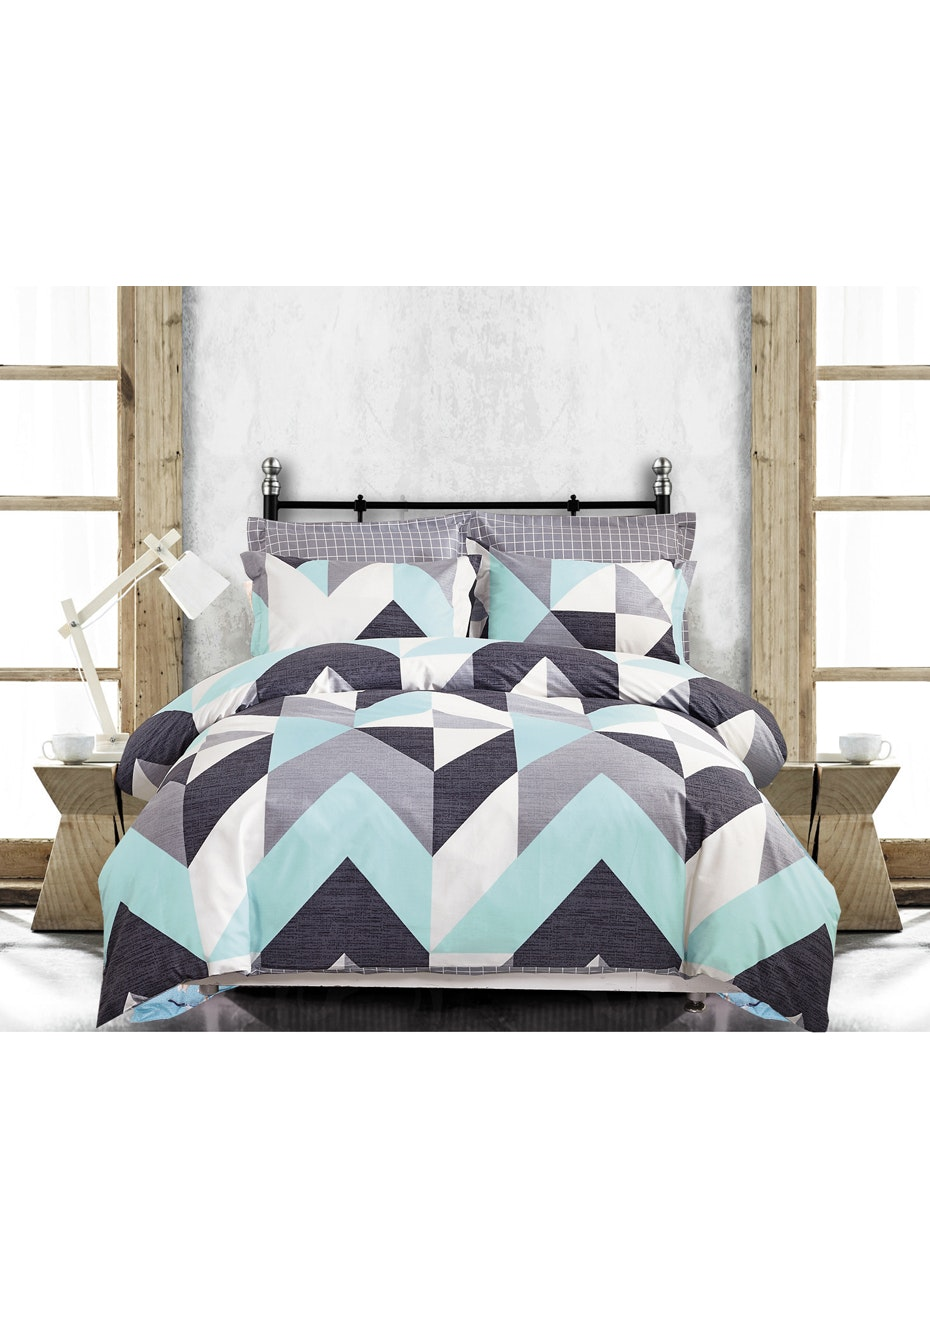 Coastline Quilt Cover Set - Reversible Design - 100% Cotton - Single Bed